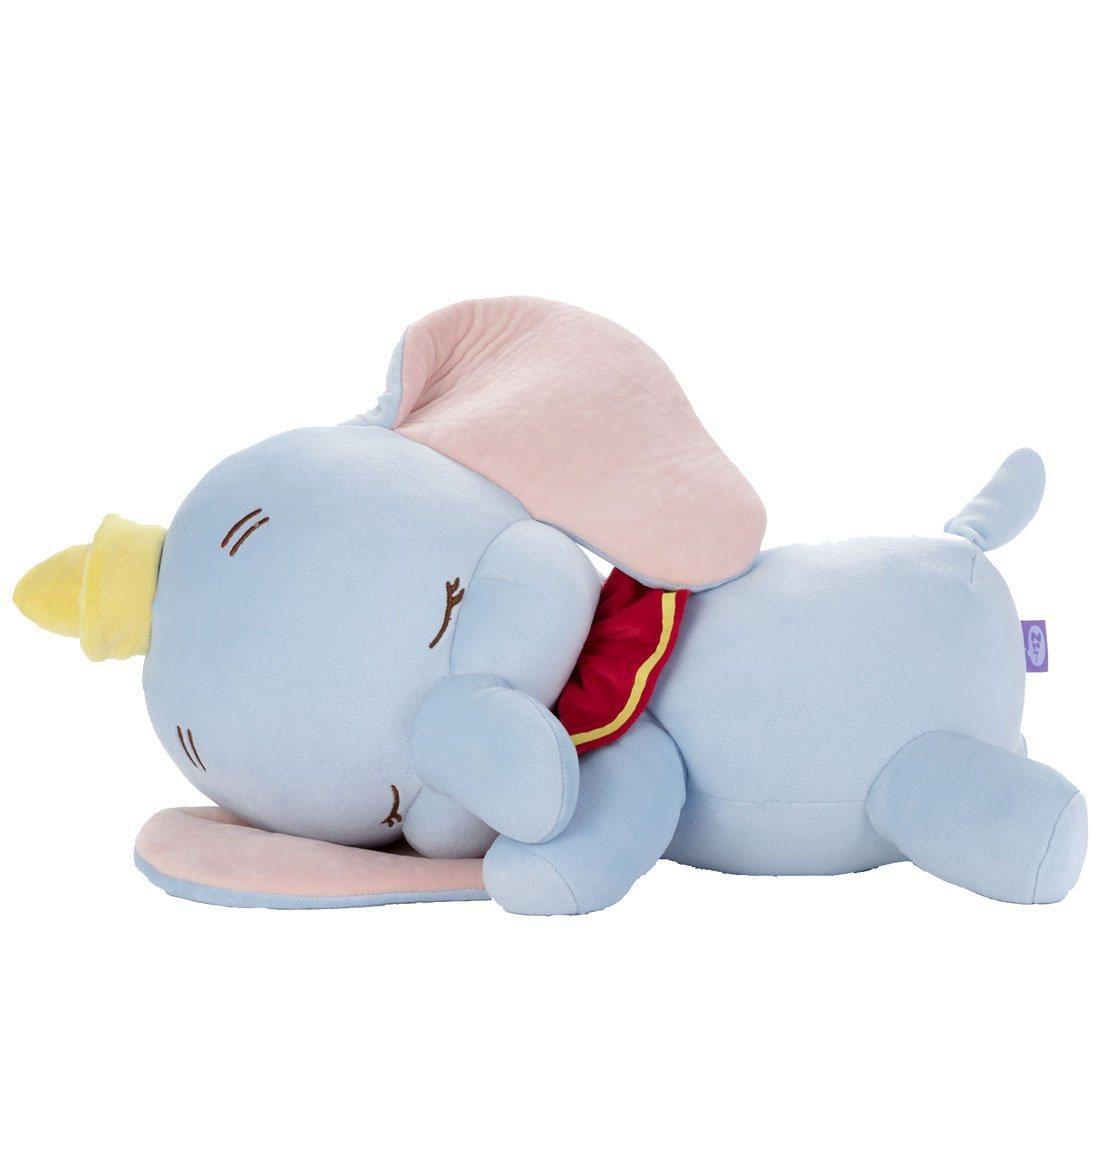 小飛象款絨毛玩偶,750元。圖/台灣華特迪士尼提供